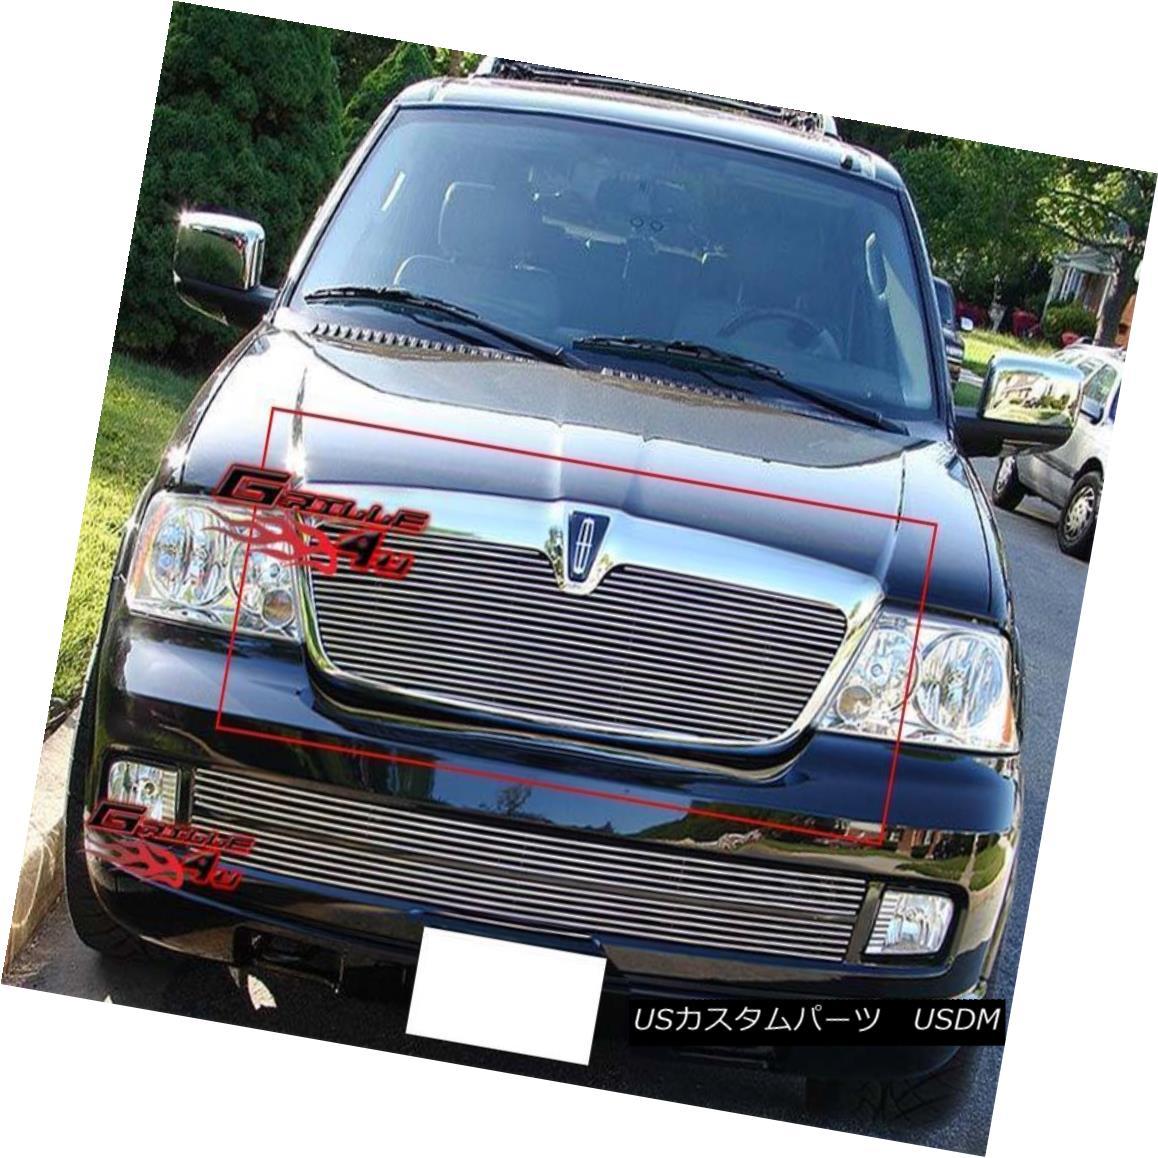 グリル Fits 2003-2006 Lincoln Navigator Main Upper Billet Grille Grill Insert フィット2003-2006リンカーンナビゲーターメインアッパービレットグリルグリルインサート